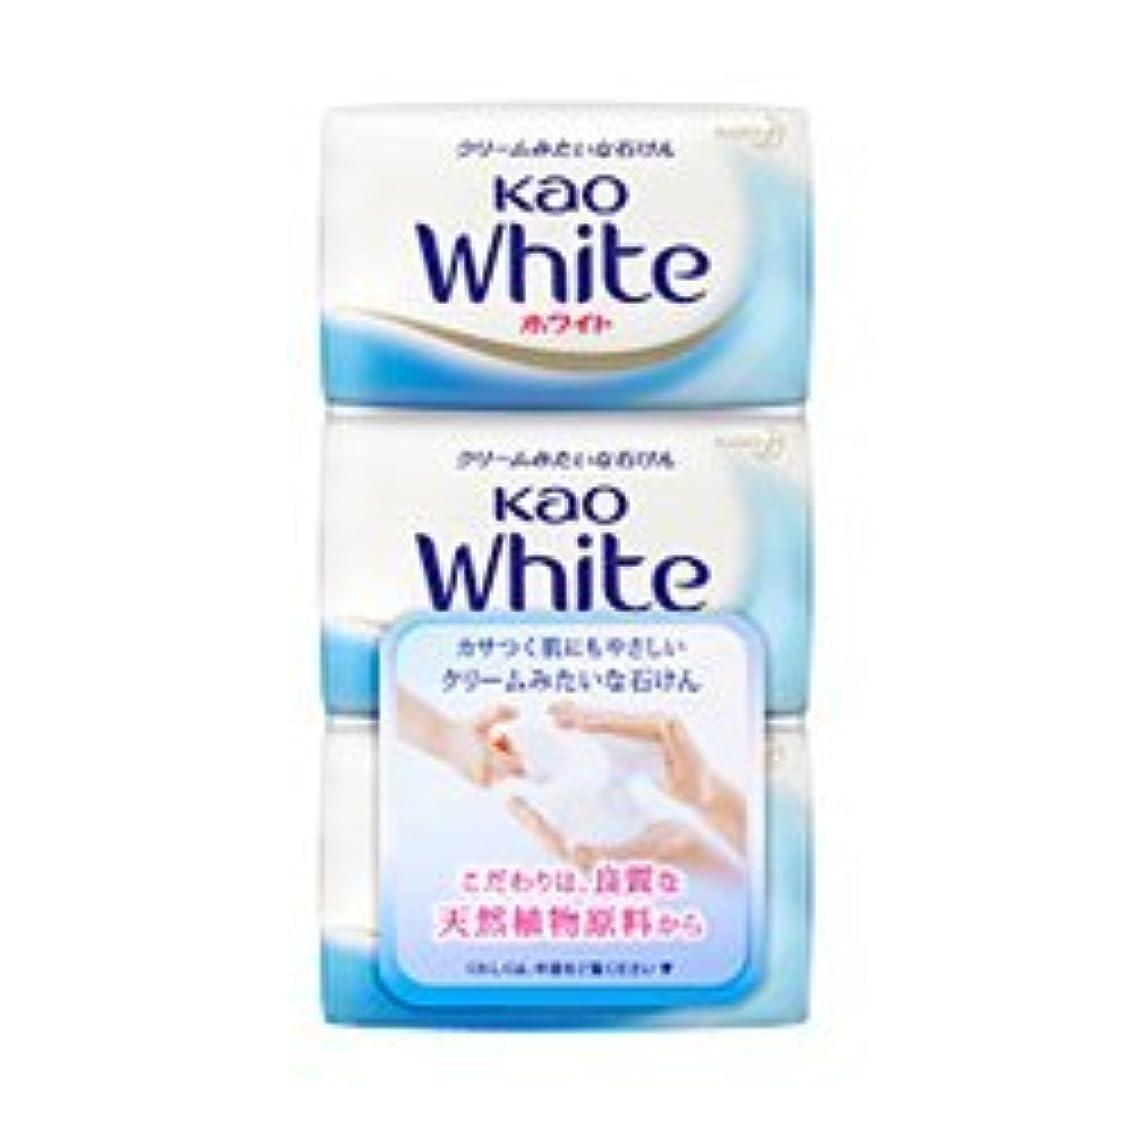 結婚式ボウリングディーラー【花王】花王ホワイト レギュラーサイズ (85g×3個) ×20個セット